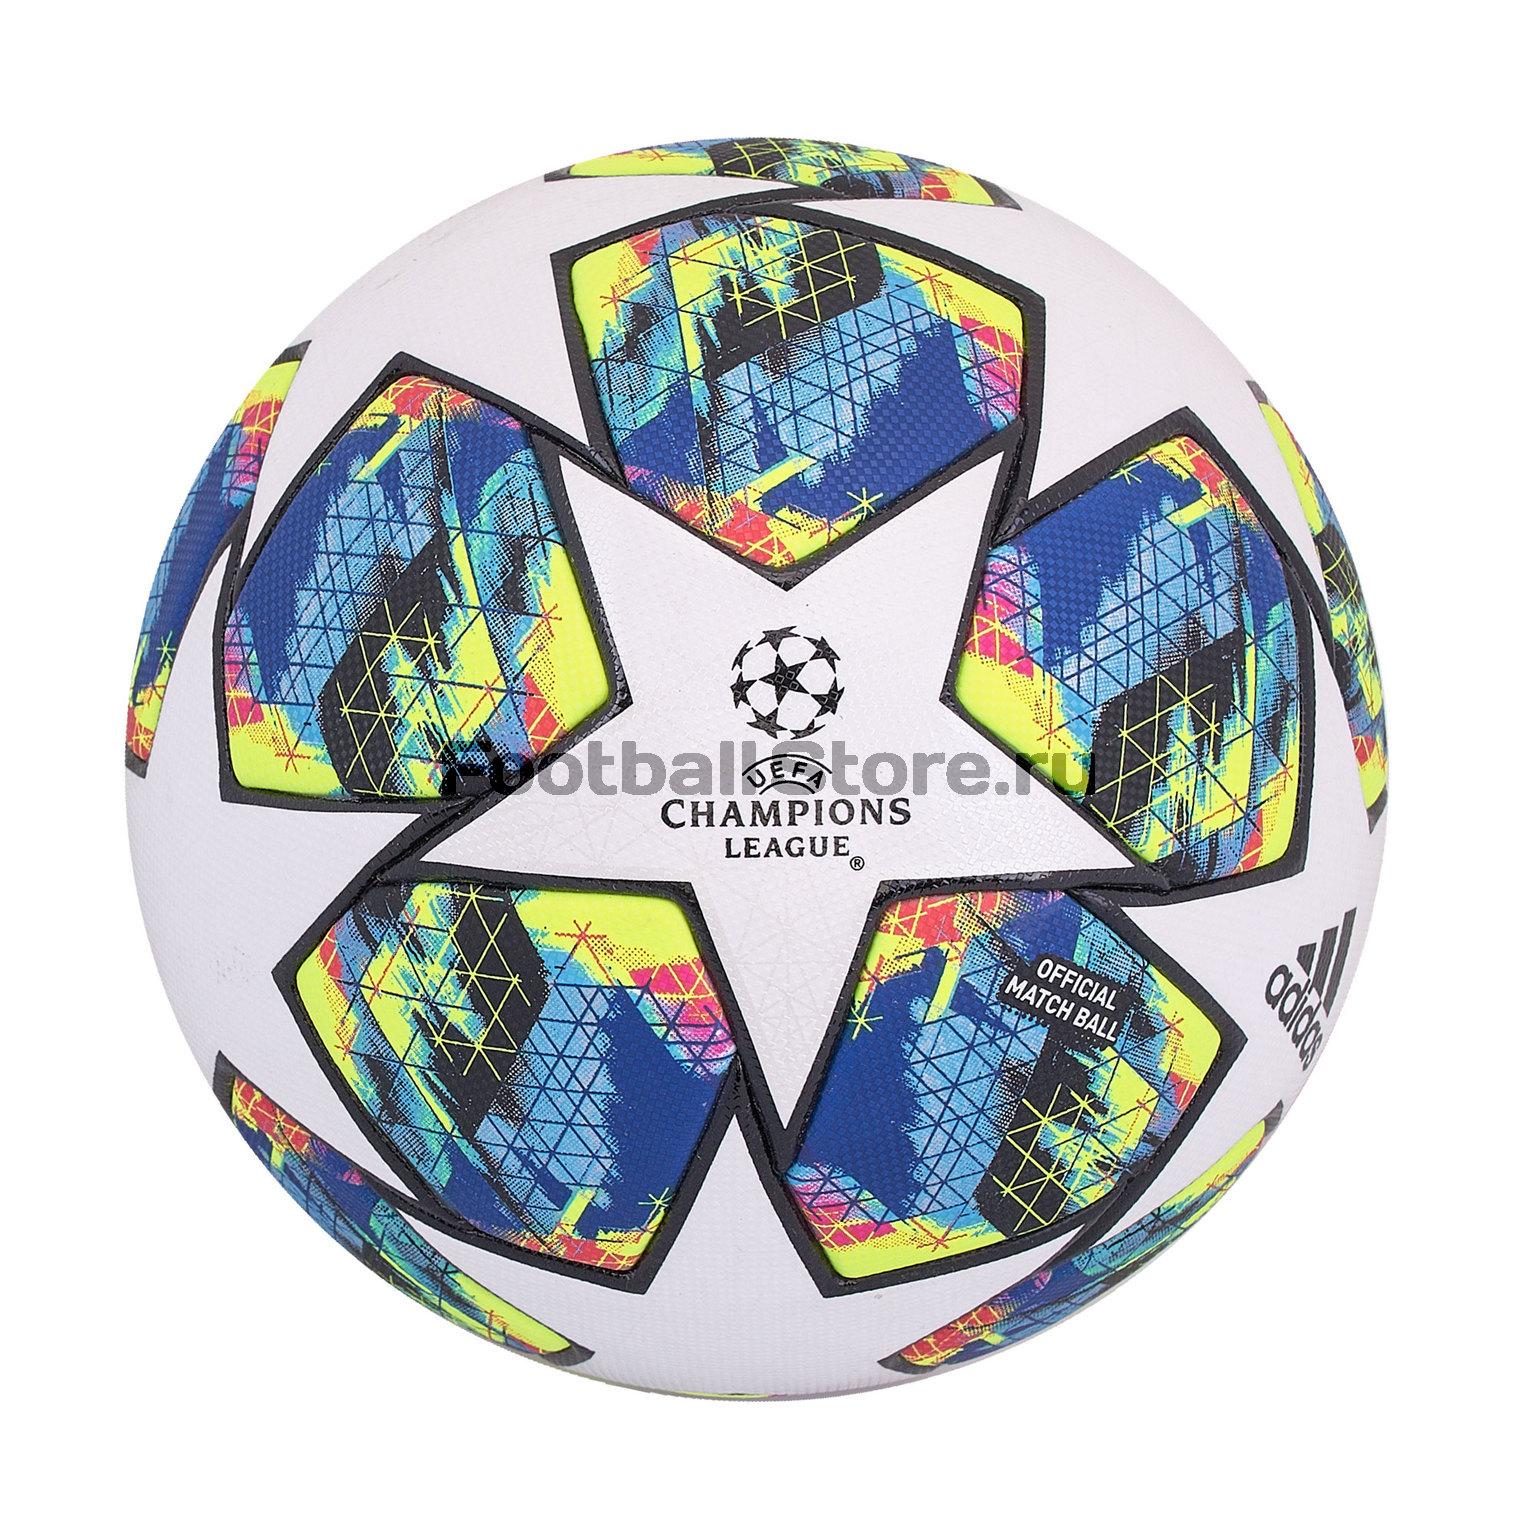 Официальный футбольный мяч Лиги Чемпионов 2019/20 DY2560